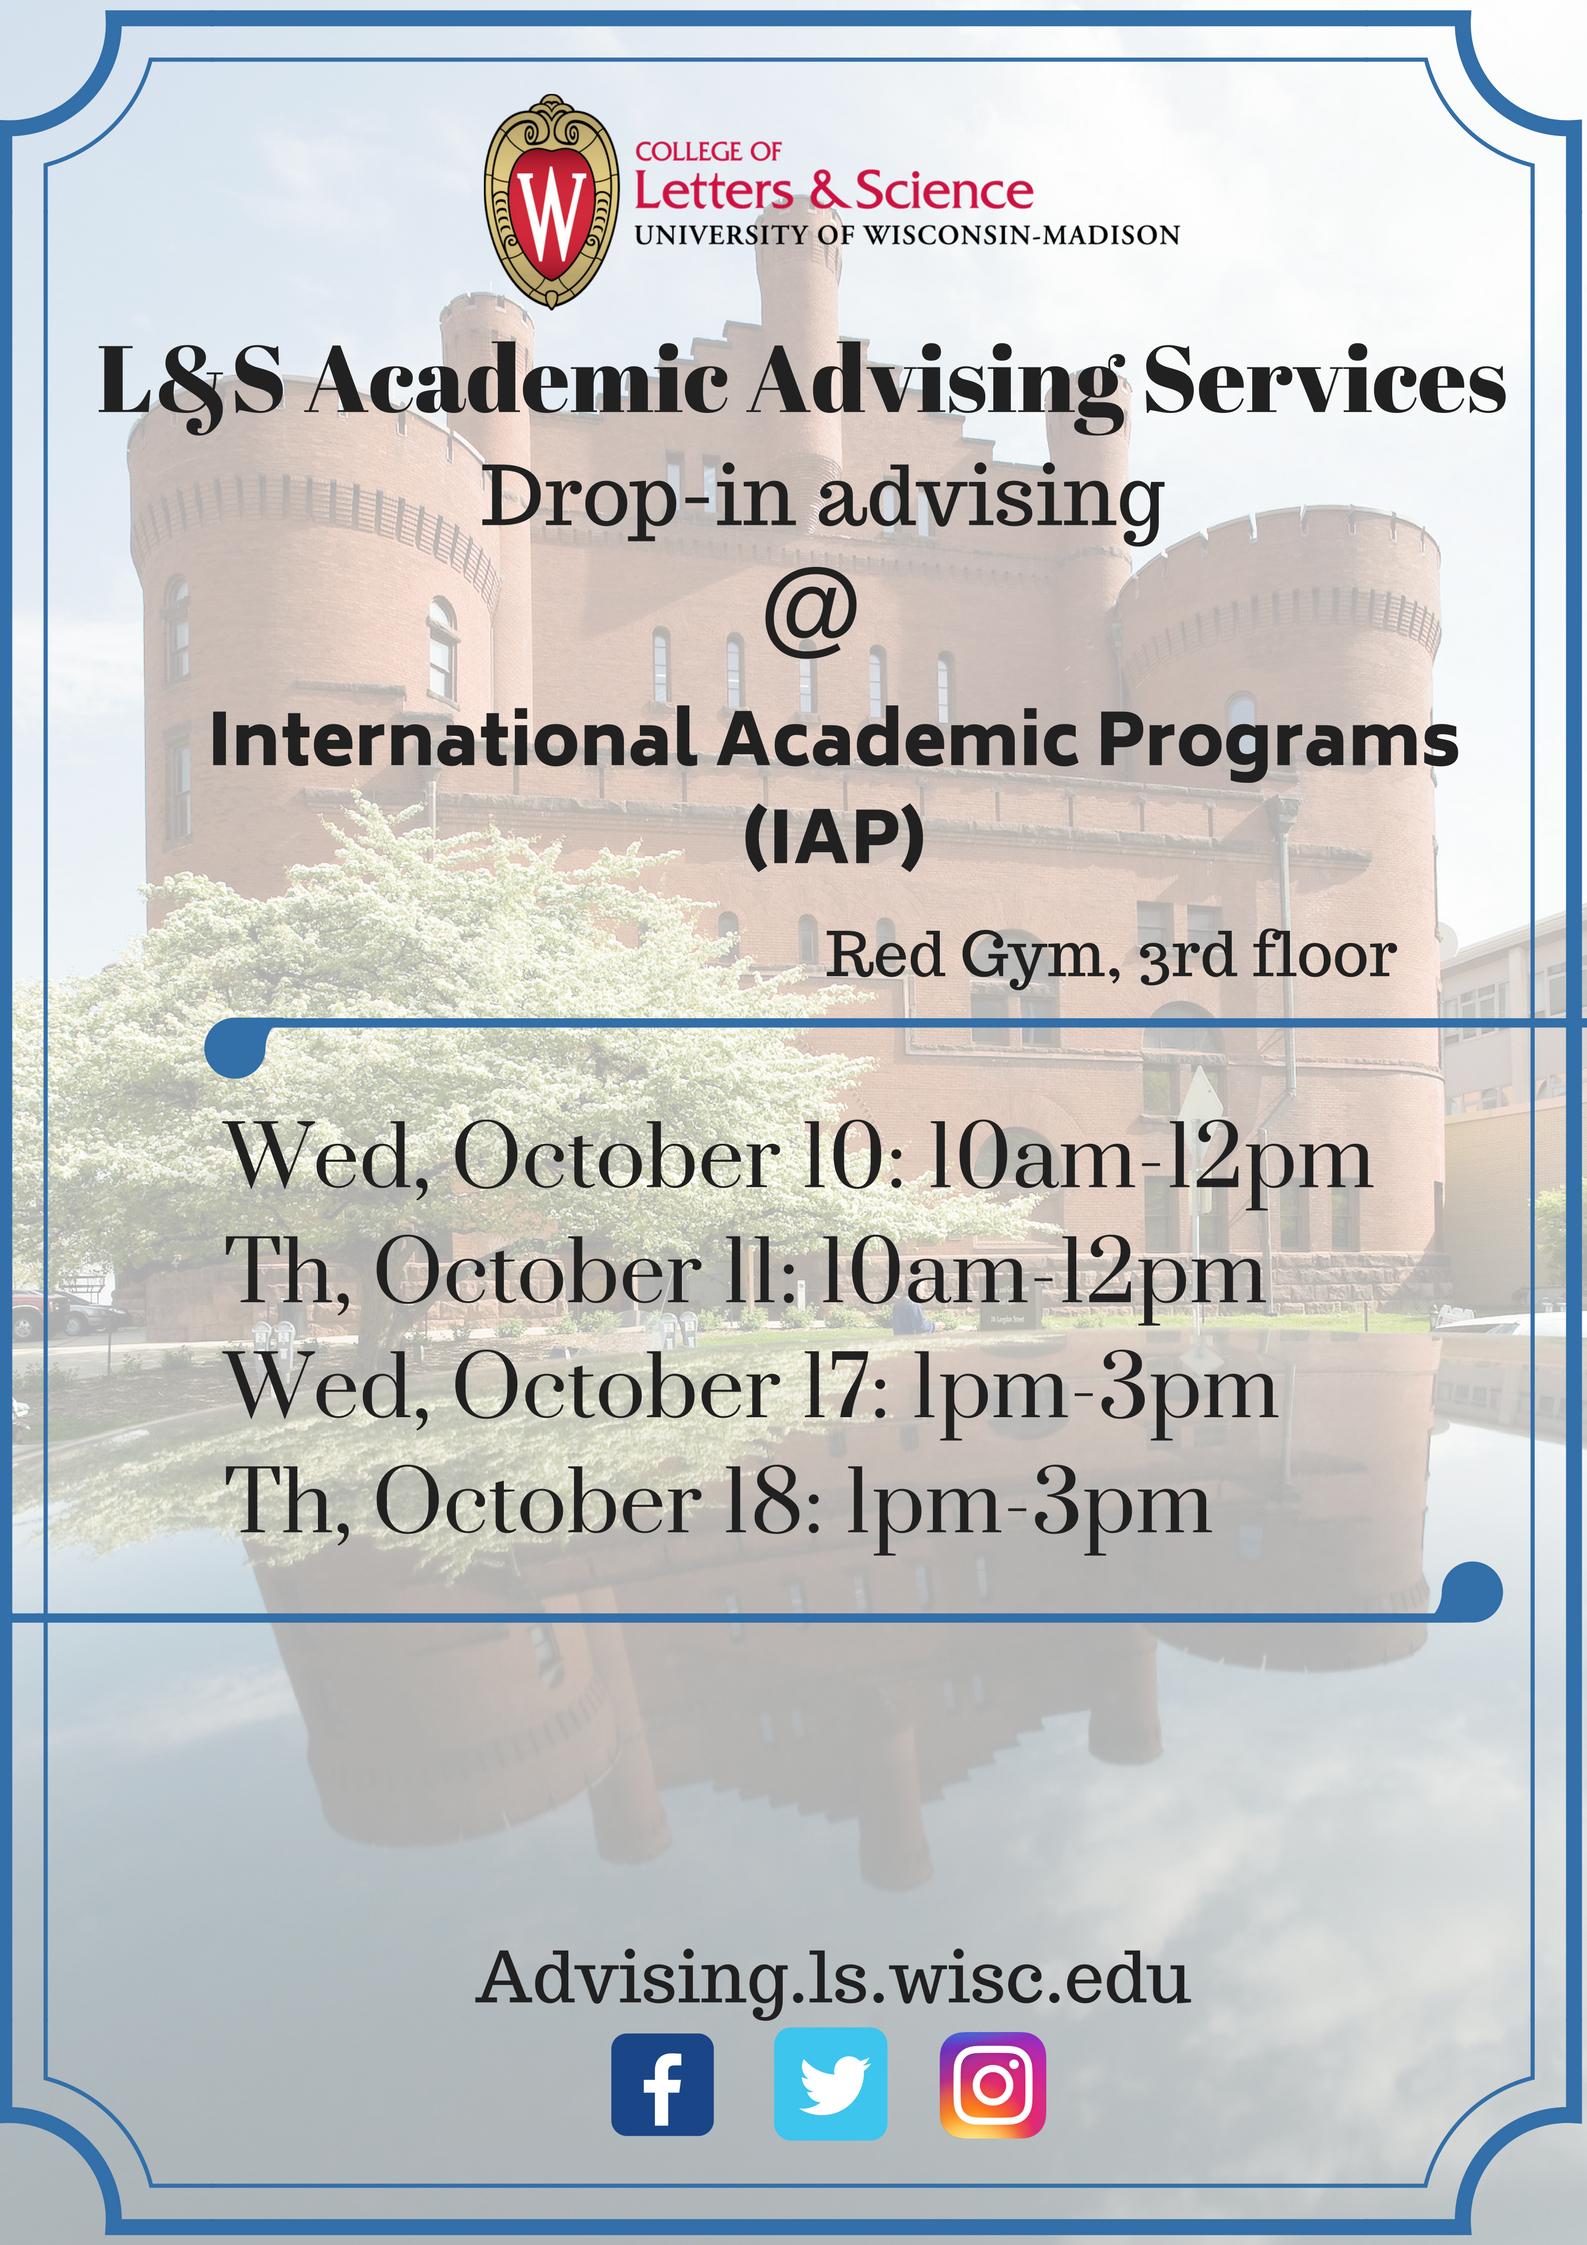 L&S AAS Drop-ins at IAP poster (October 10, 10am-12pm; October 11, 10am-12pm; October 17, 1pm-3pm; October 18, 1pm-3pm